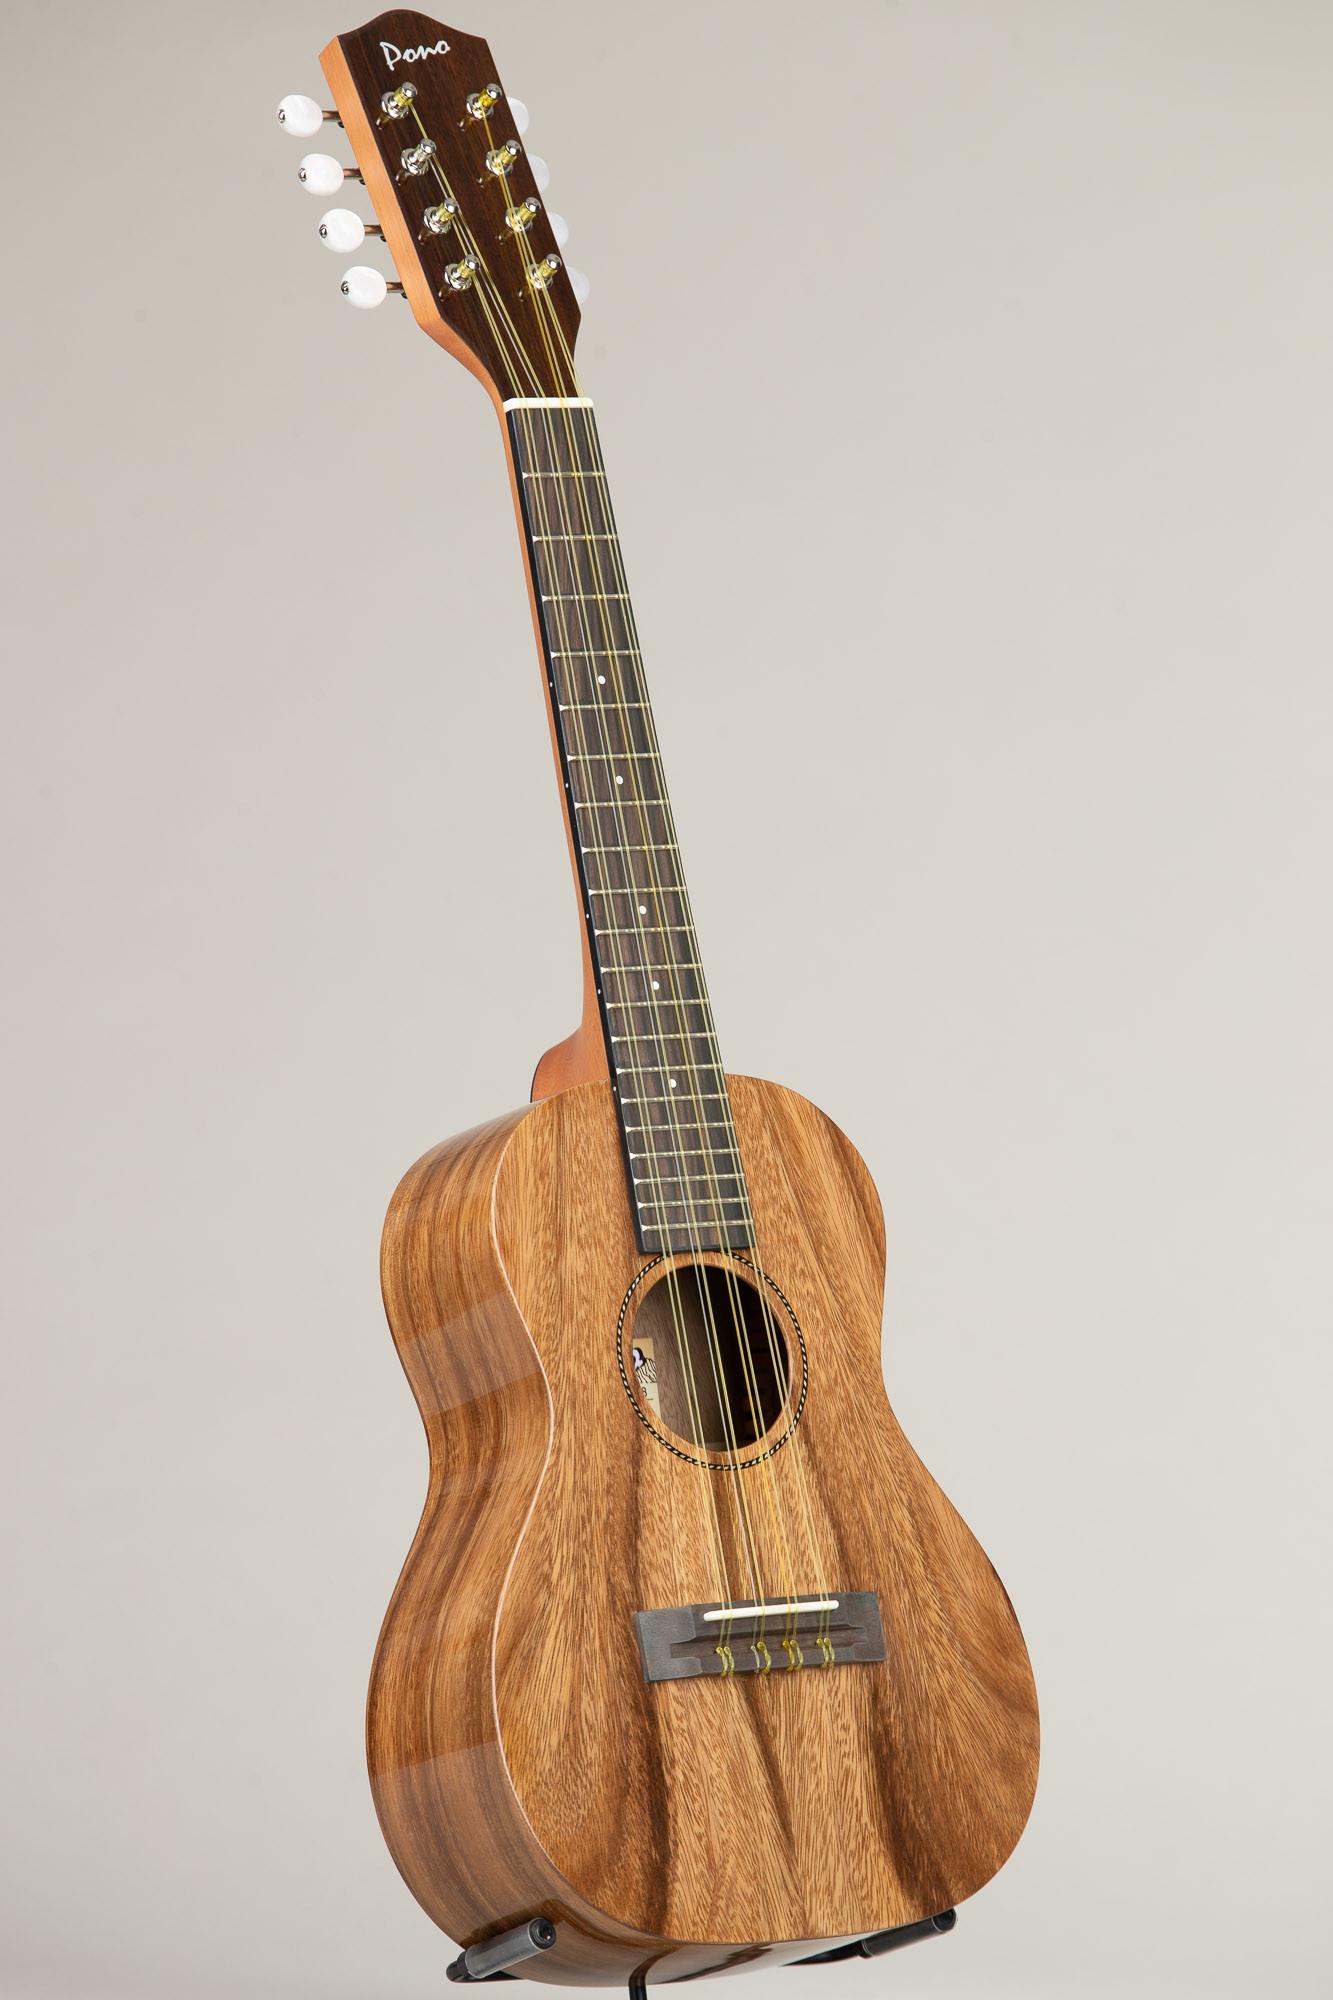 Pono Acacia Tenor Deluxe Eight String (ATD-8 4257)